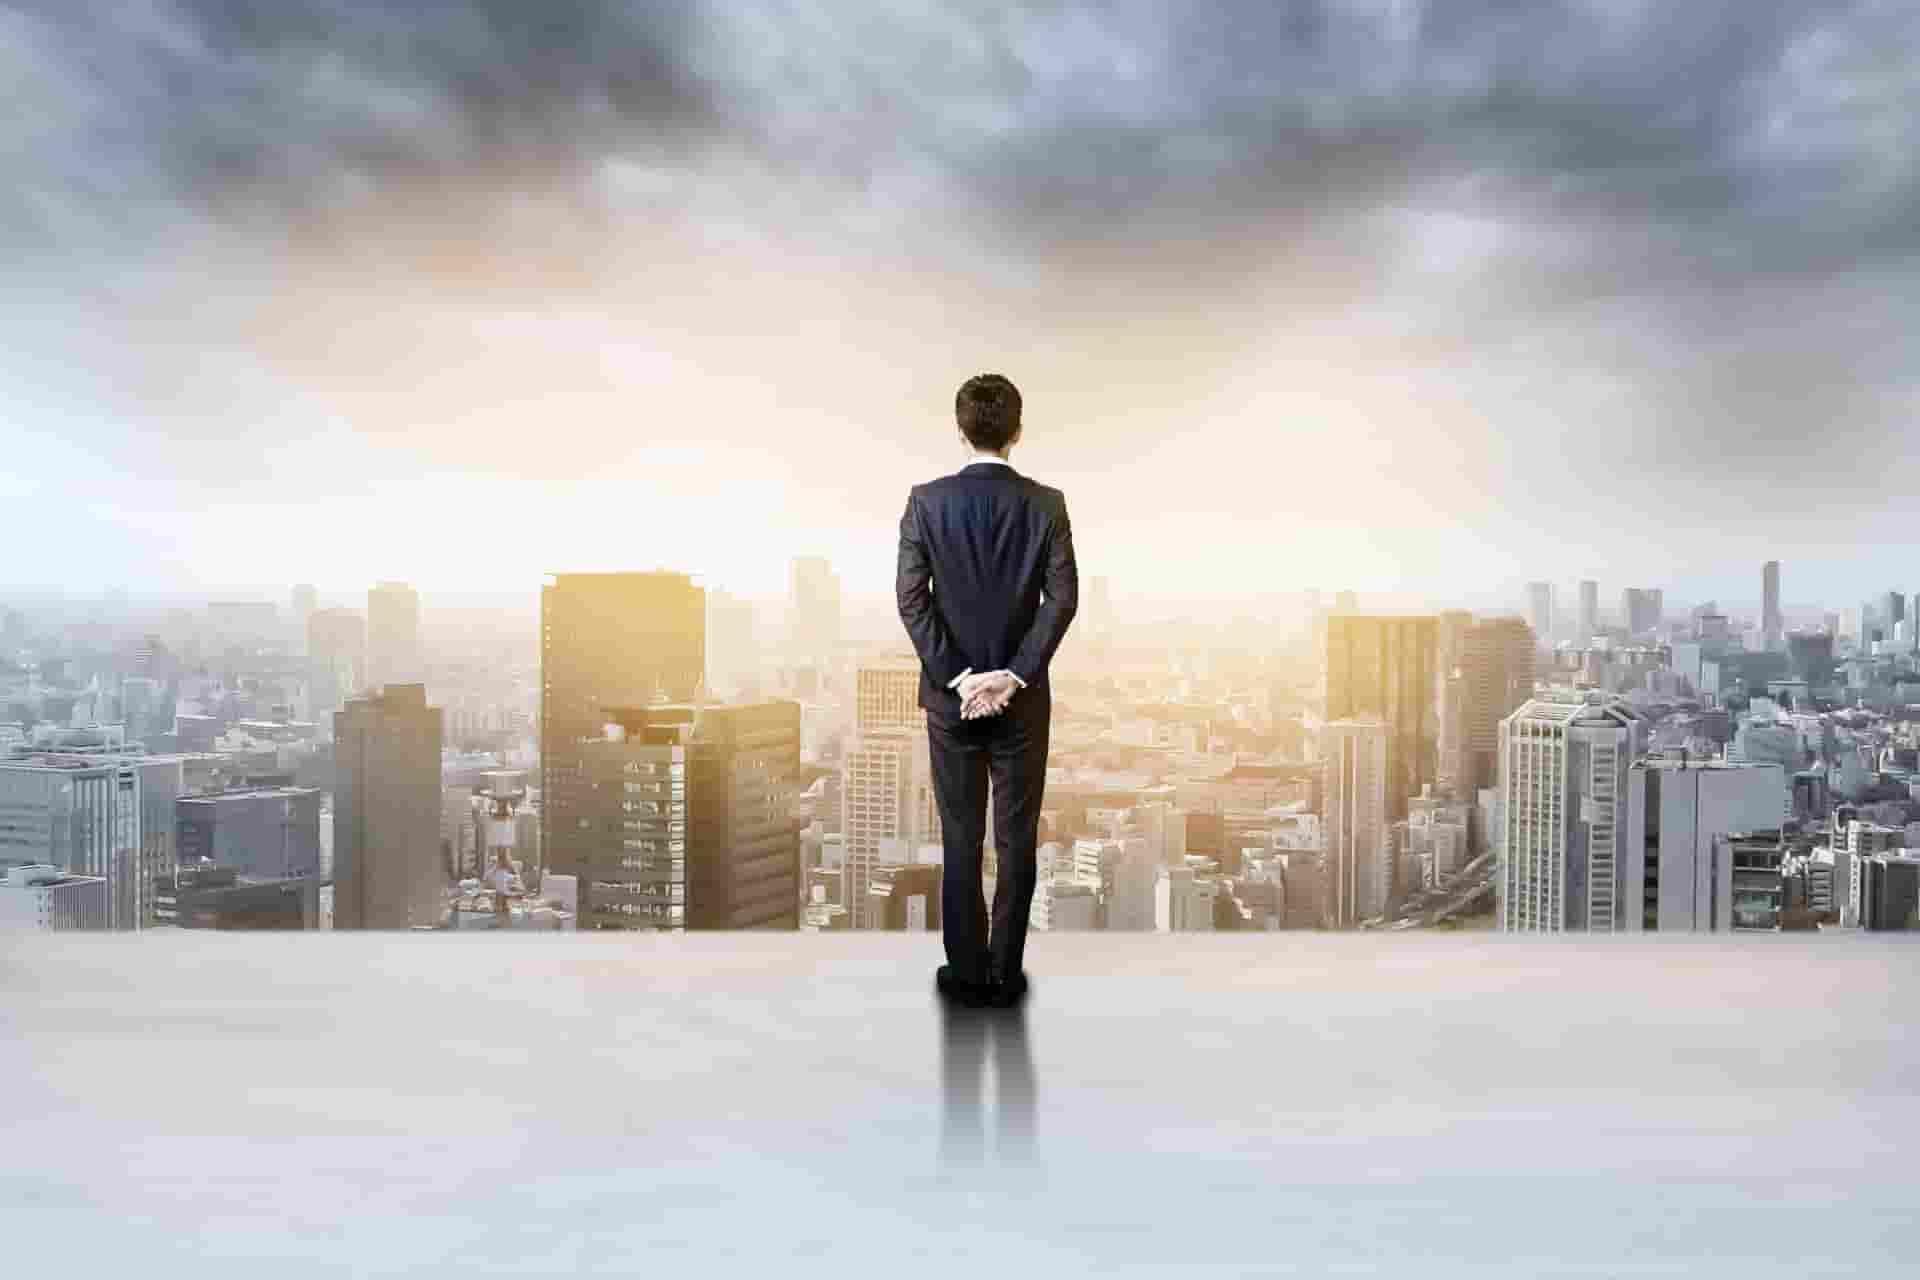 商社とは?-就活生が知るべき総合商社と専門商社の違いを解説-